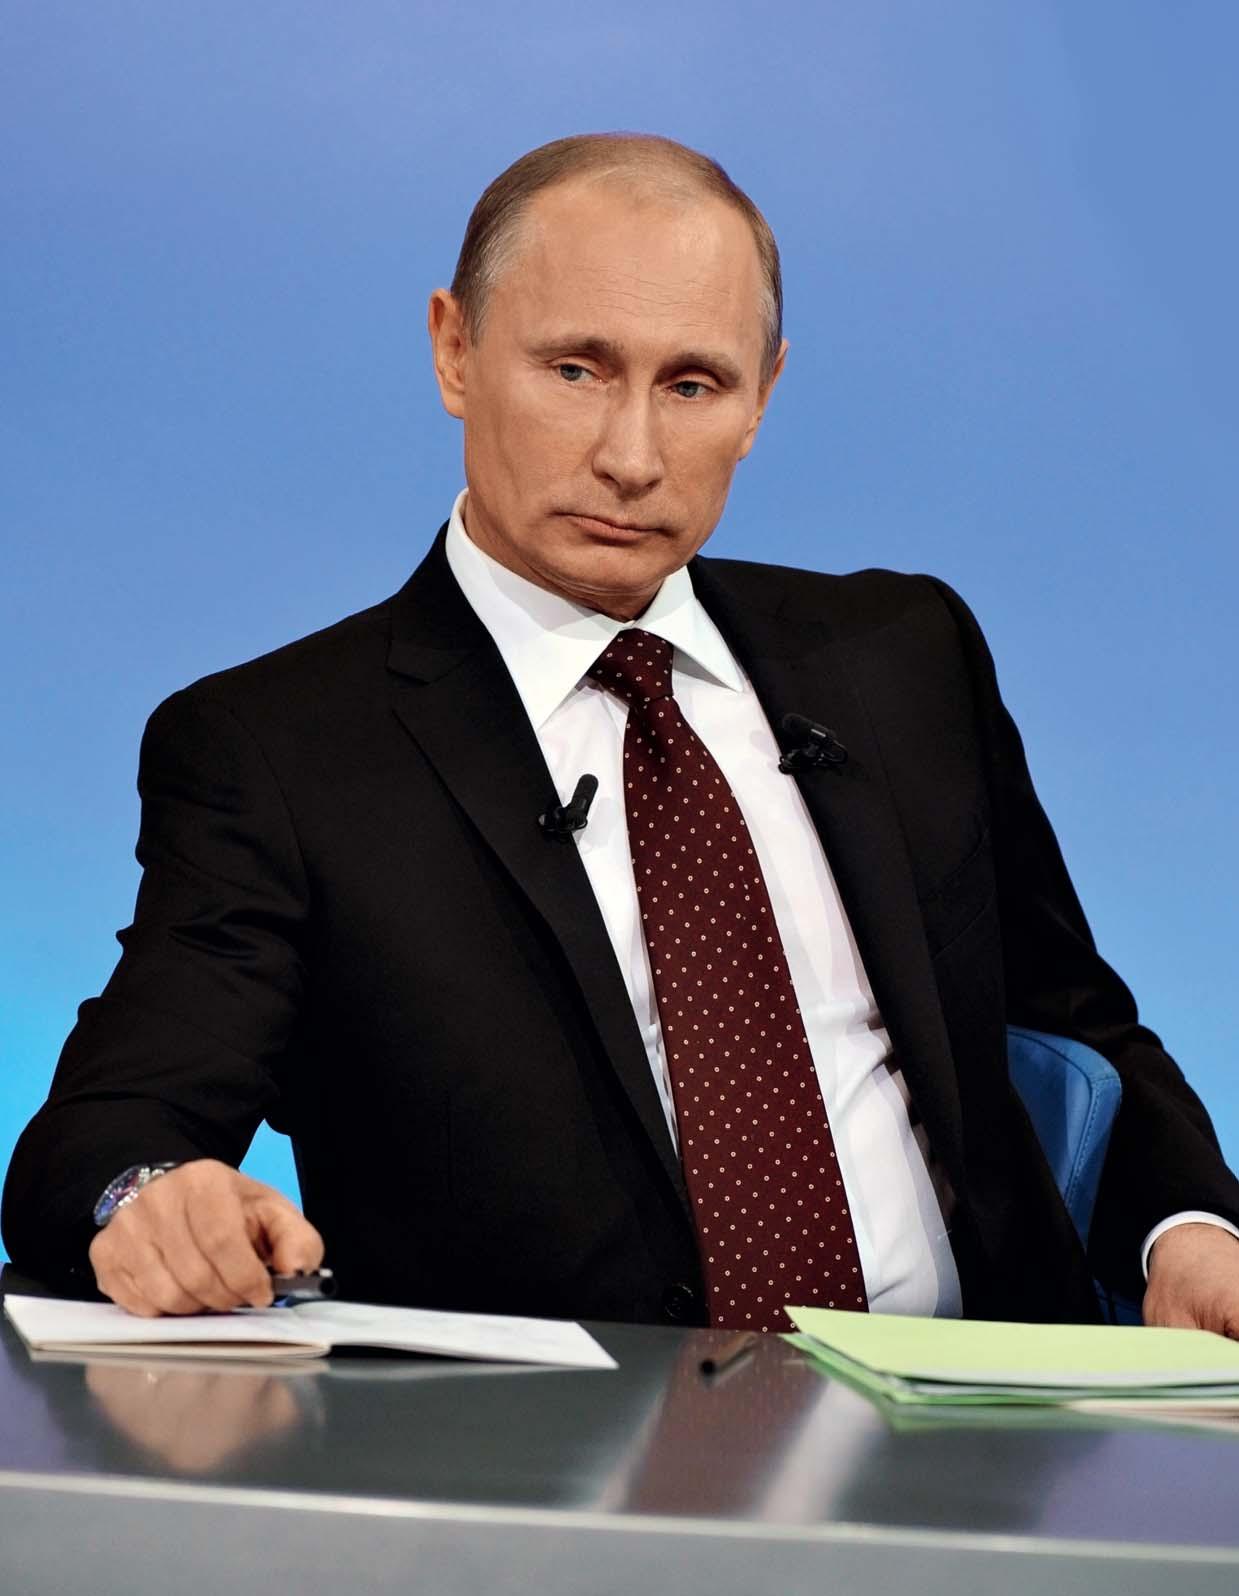 Зачем россии участие в пасе? - парламентская газета